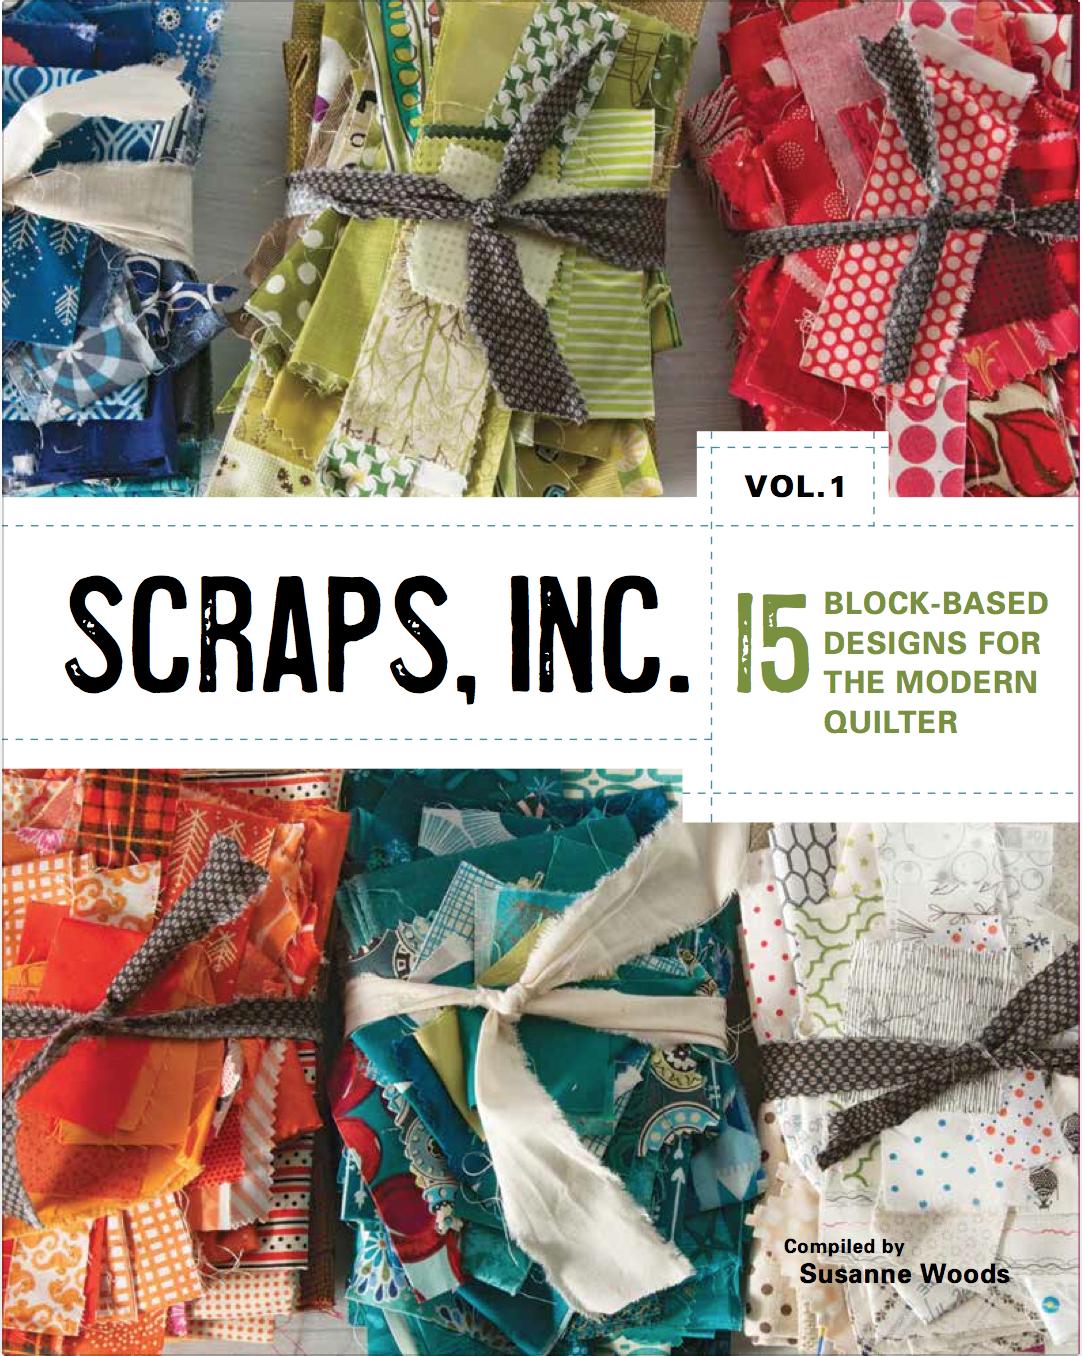 Scraps, Inc. / November 2014